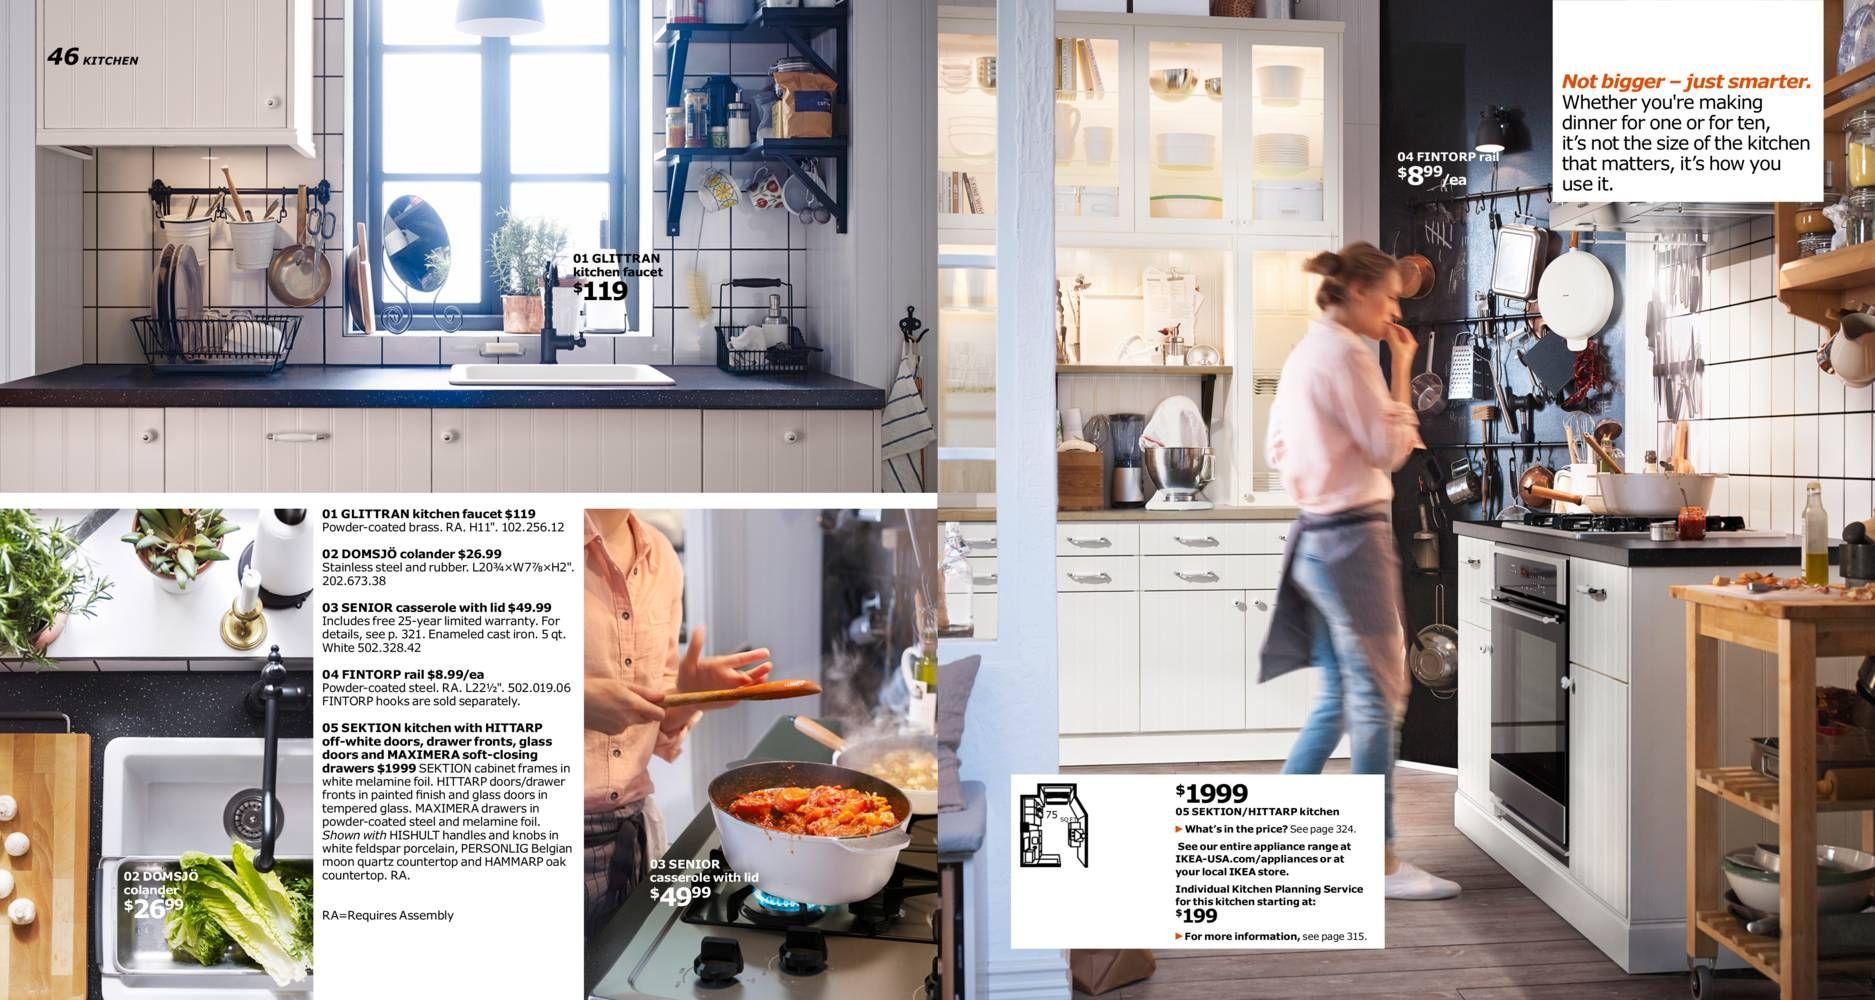 Ikea Catalog 2016 Ikea Catalog Ikea Catalogue 2016 Ikea Ikea kitchen catalog 2016